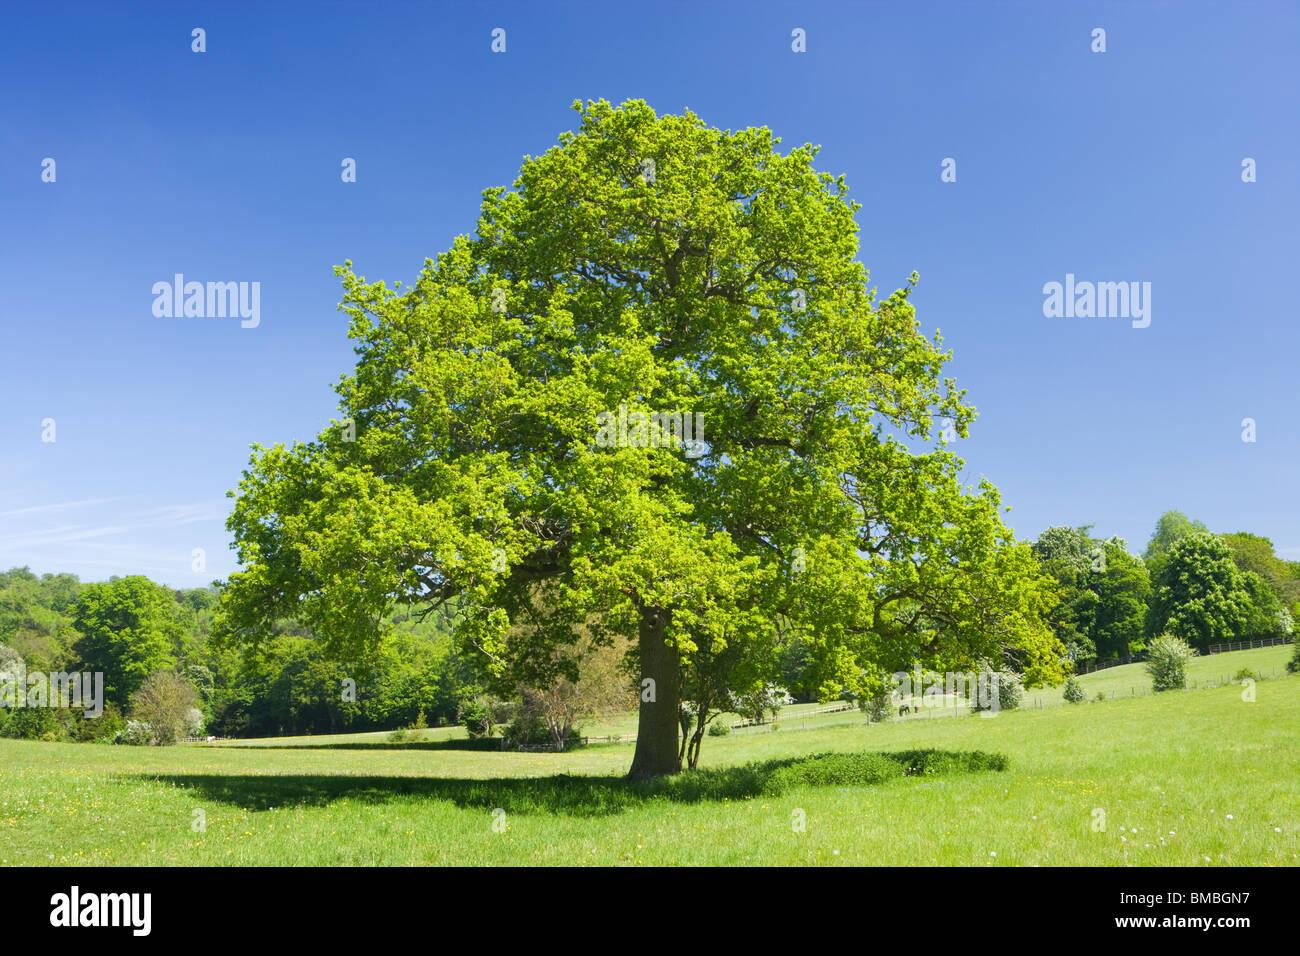 Albero di quercia in campo, Ranmore comune, Surrey, Regno Unito Immagini Stock